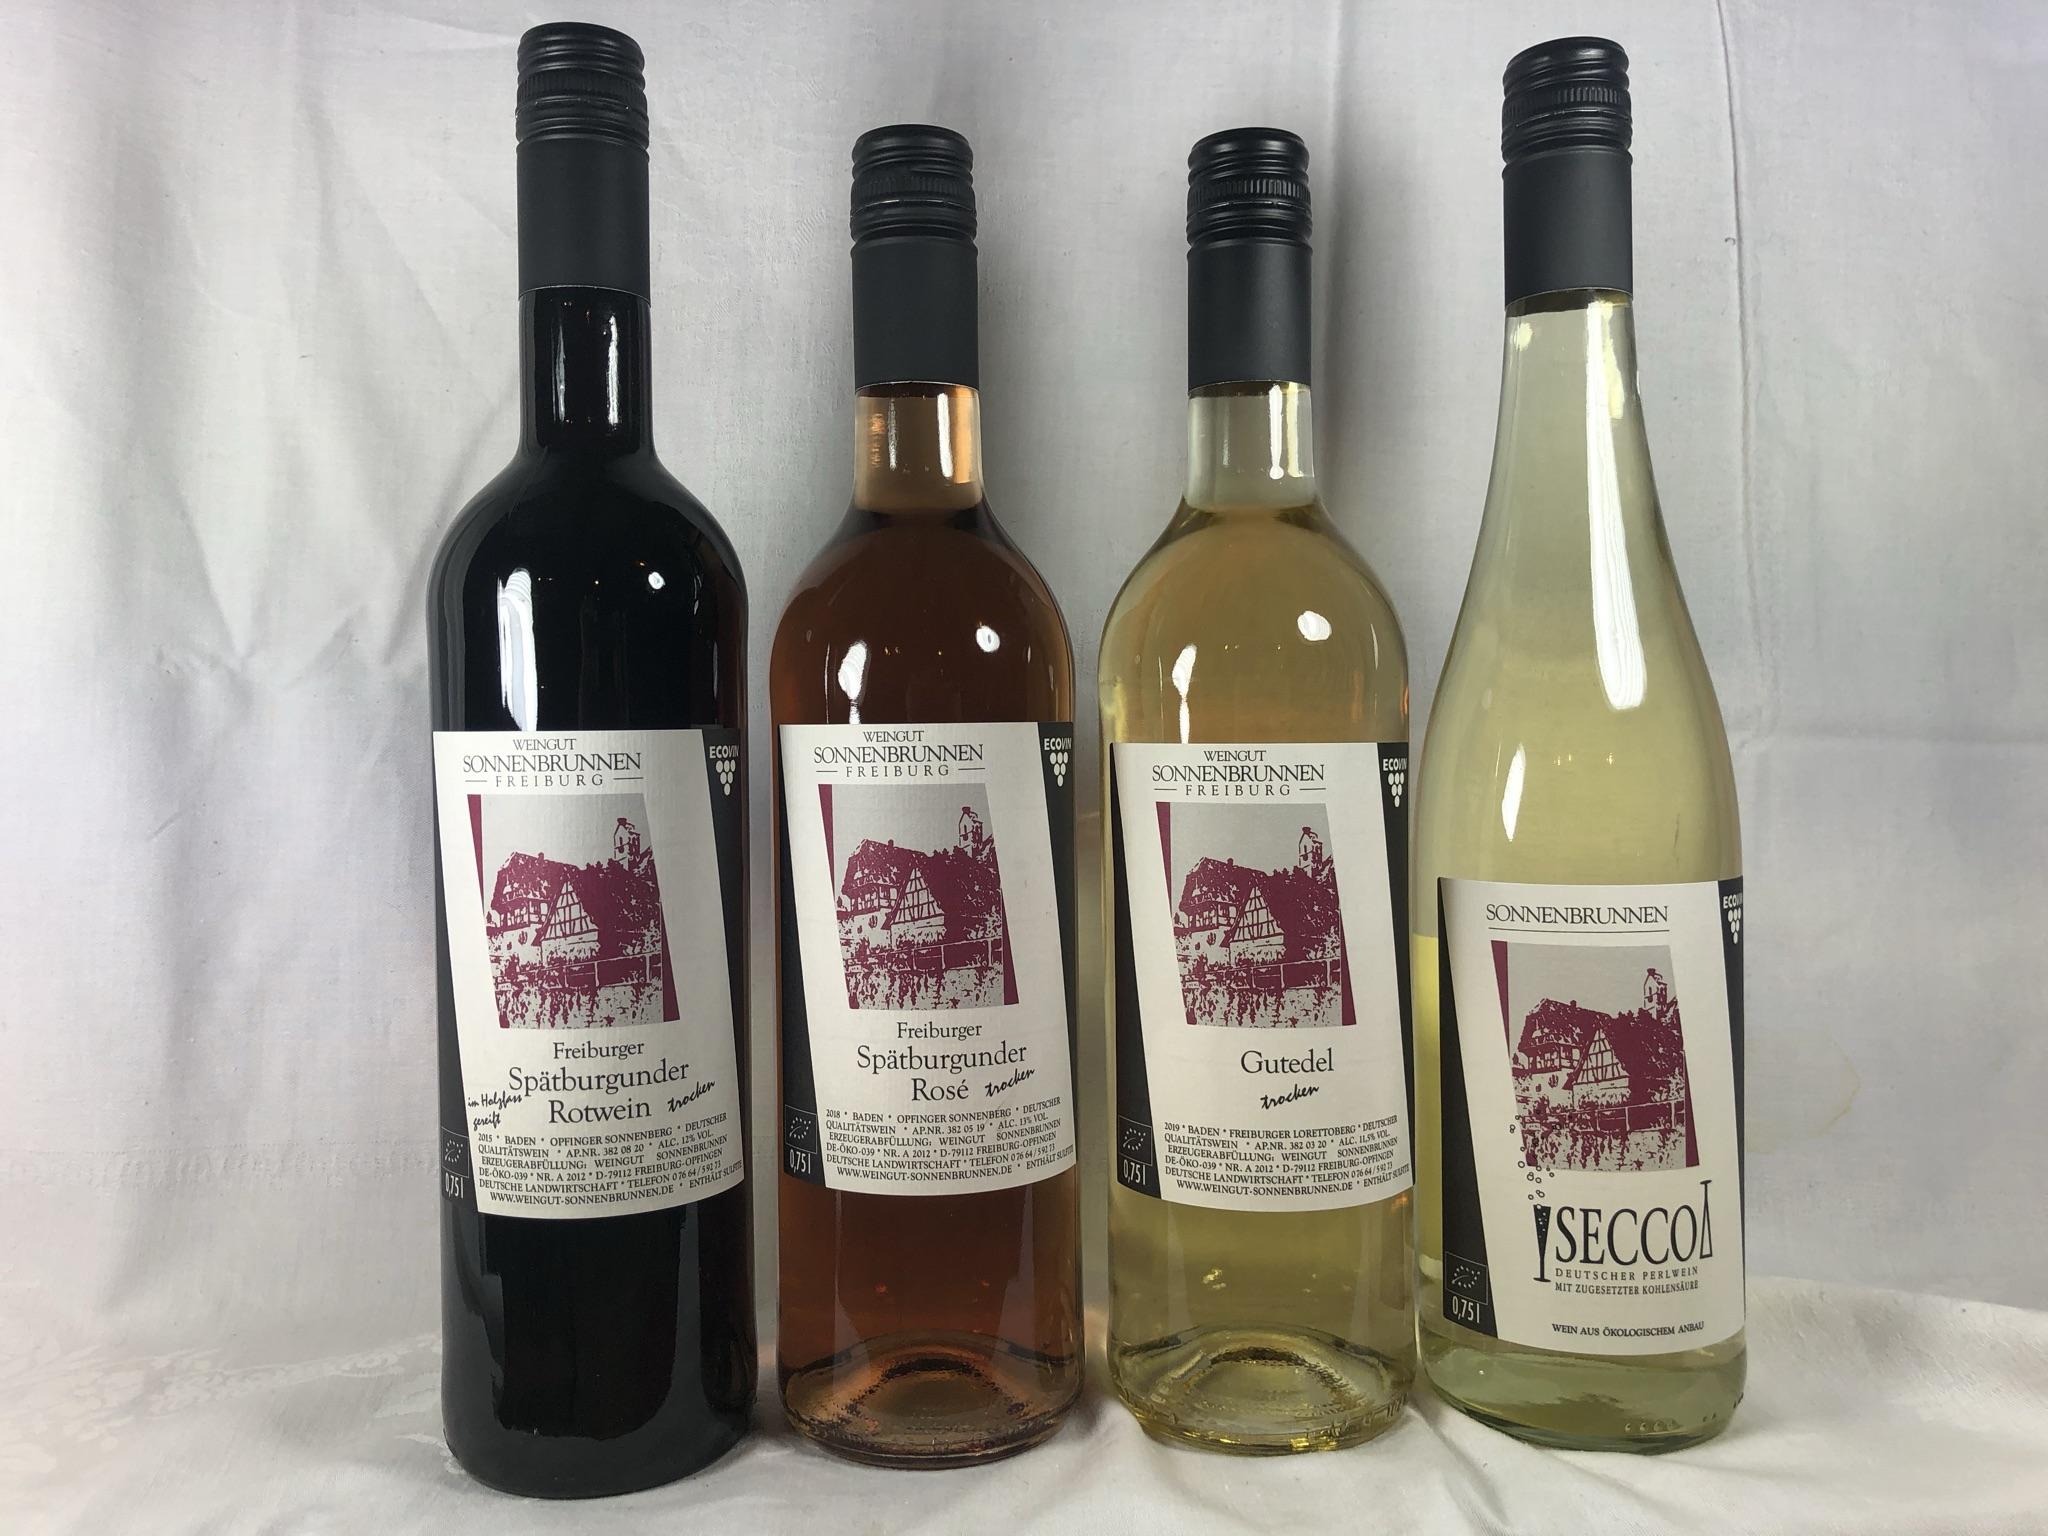 Weinprobe Klassik mit 4 Weinen